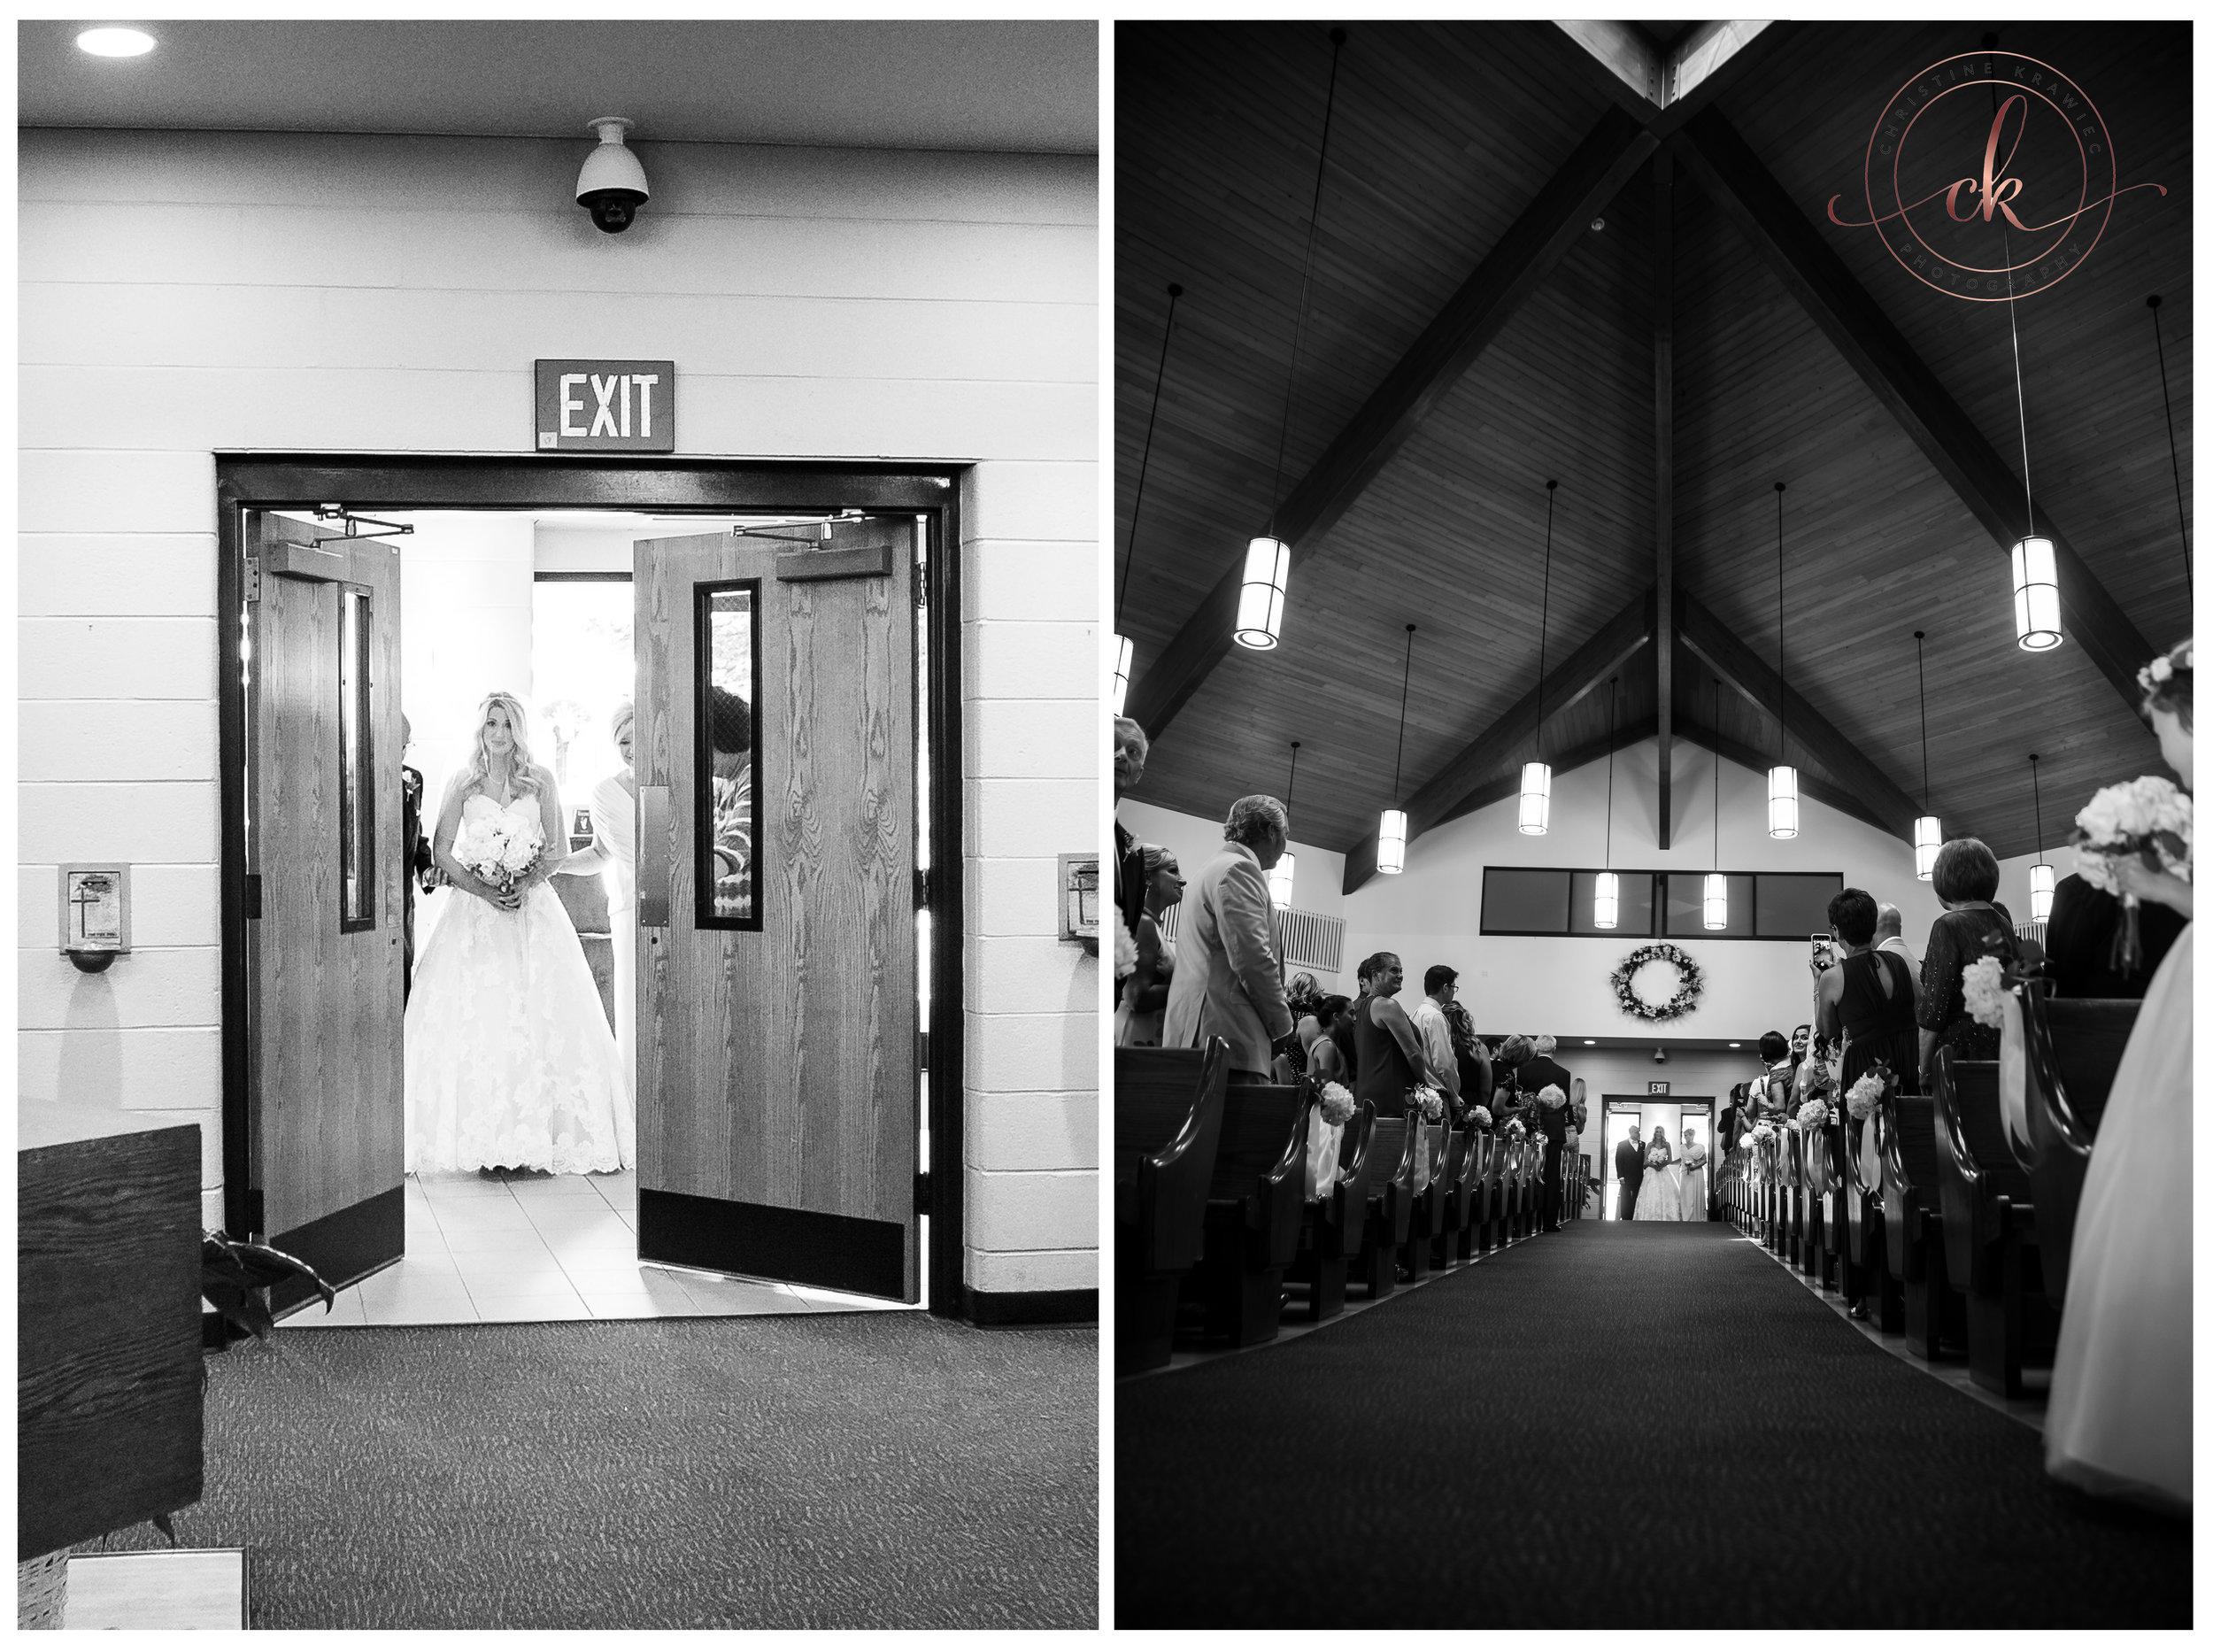 18 bride_aisle_doors.jpg